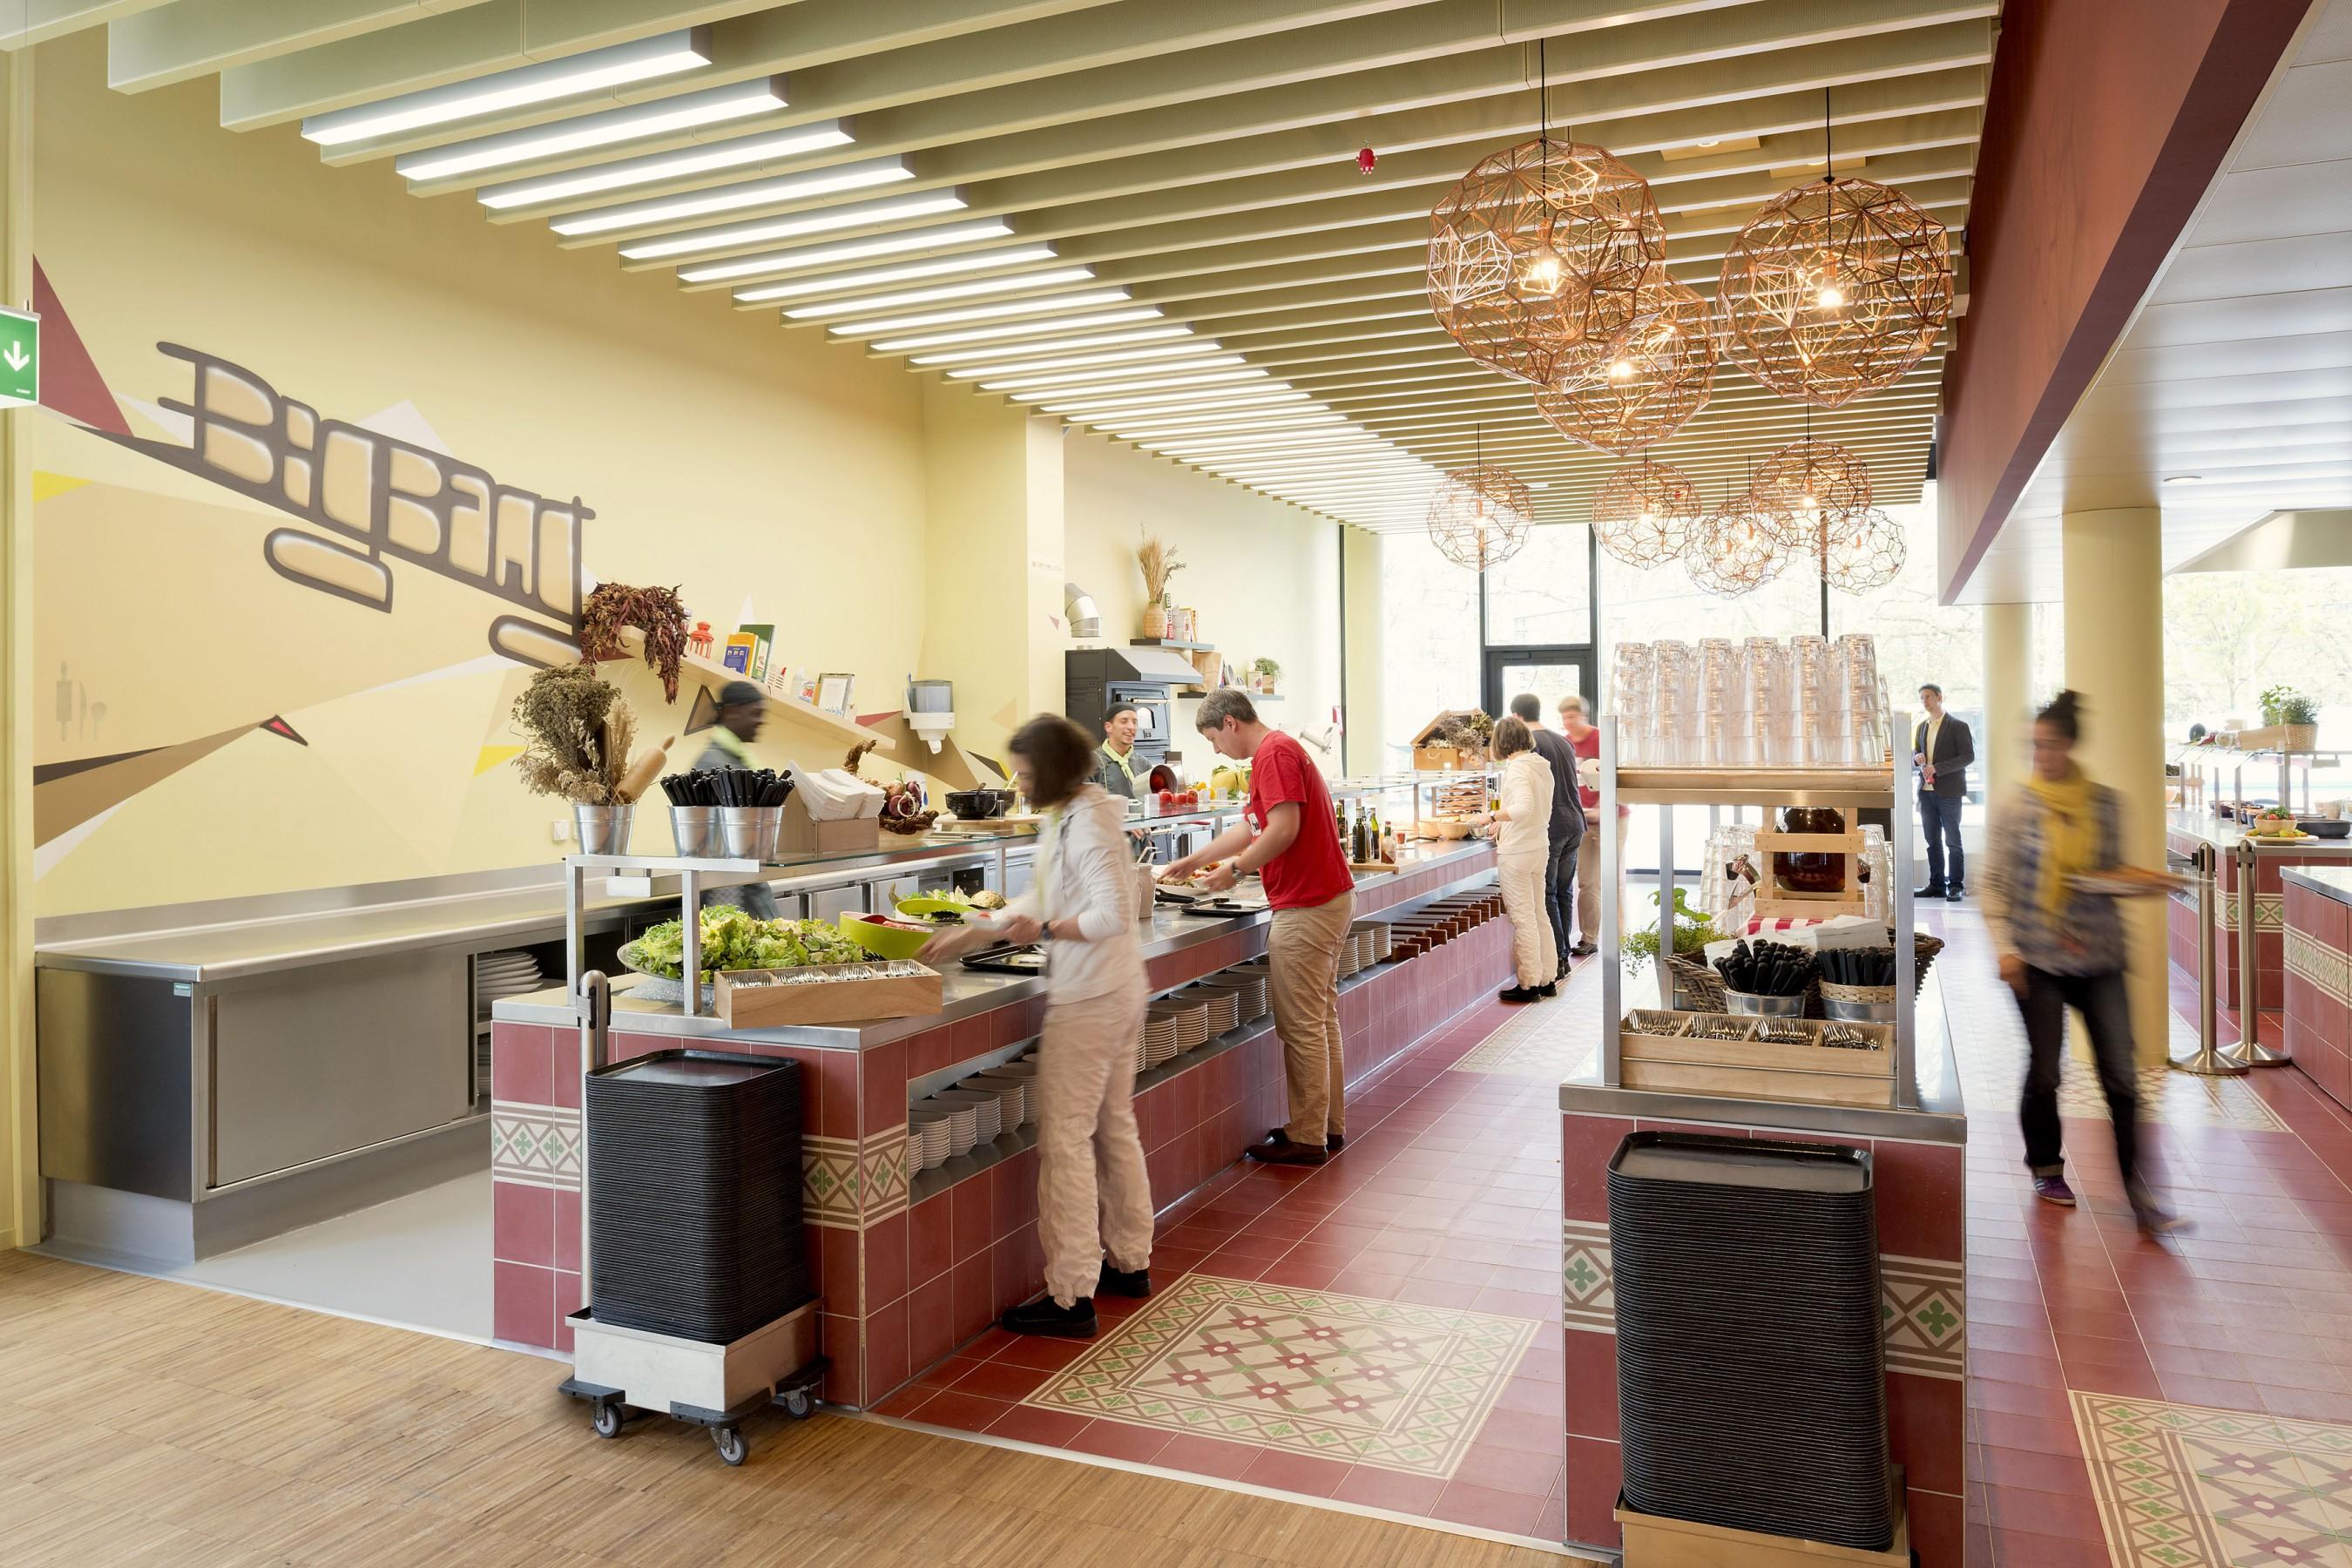 Erweiterung google headquarters 2 0 z rich z st g beli for Google office zurich design